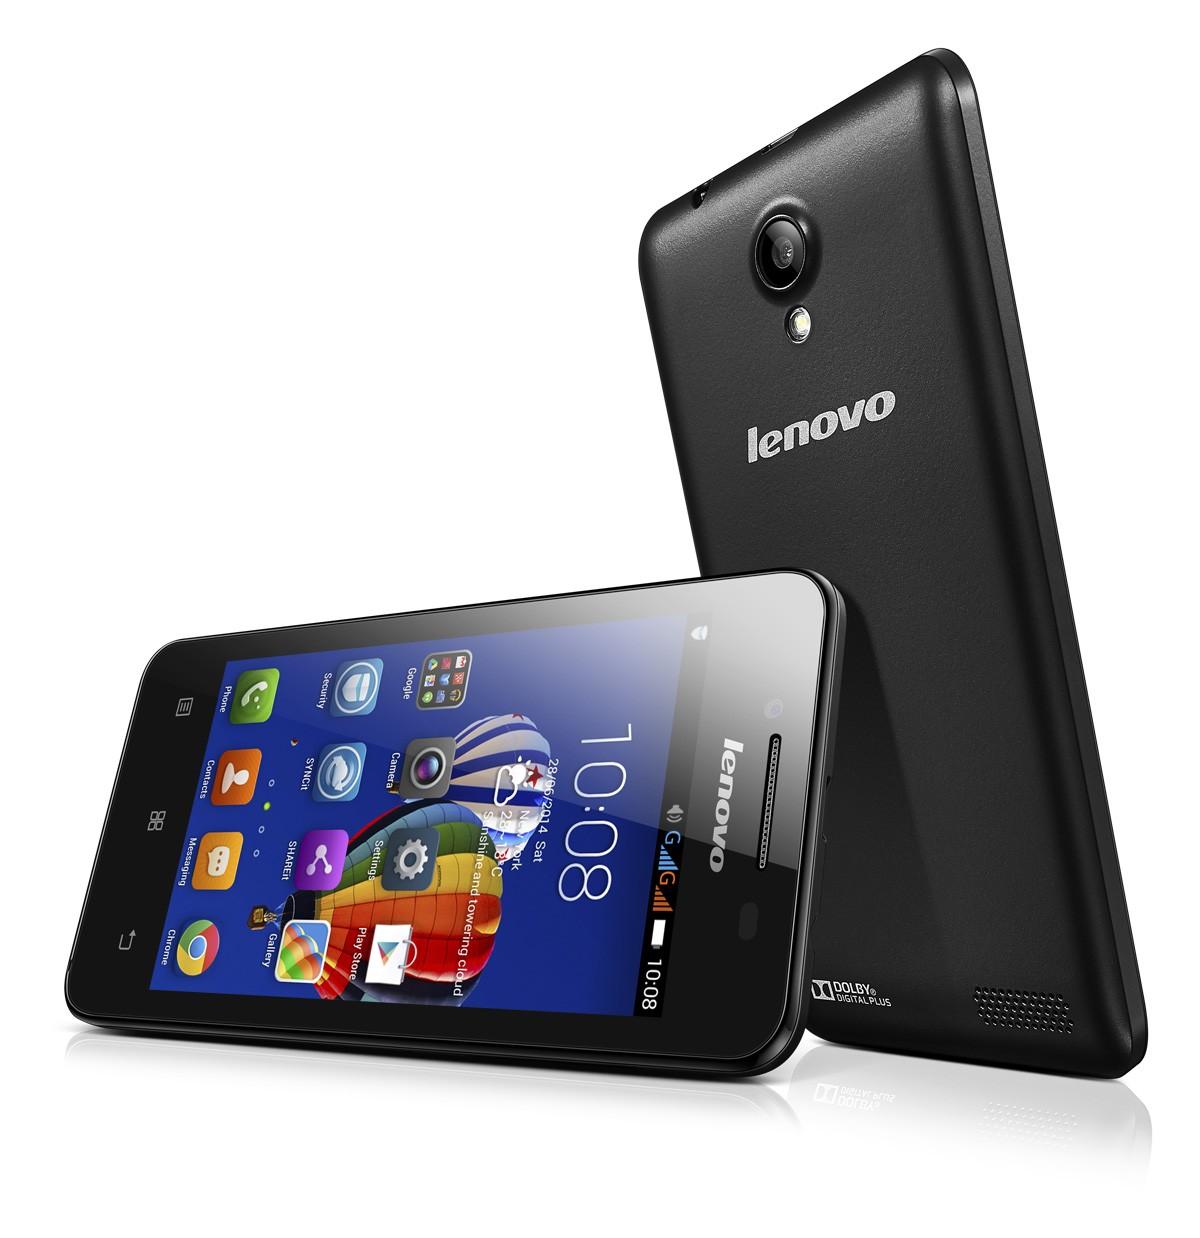 A319 Hero 01 - Lenovo ra mắt smartphone A319 nghe nhạc di động